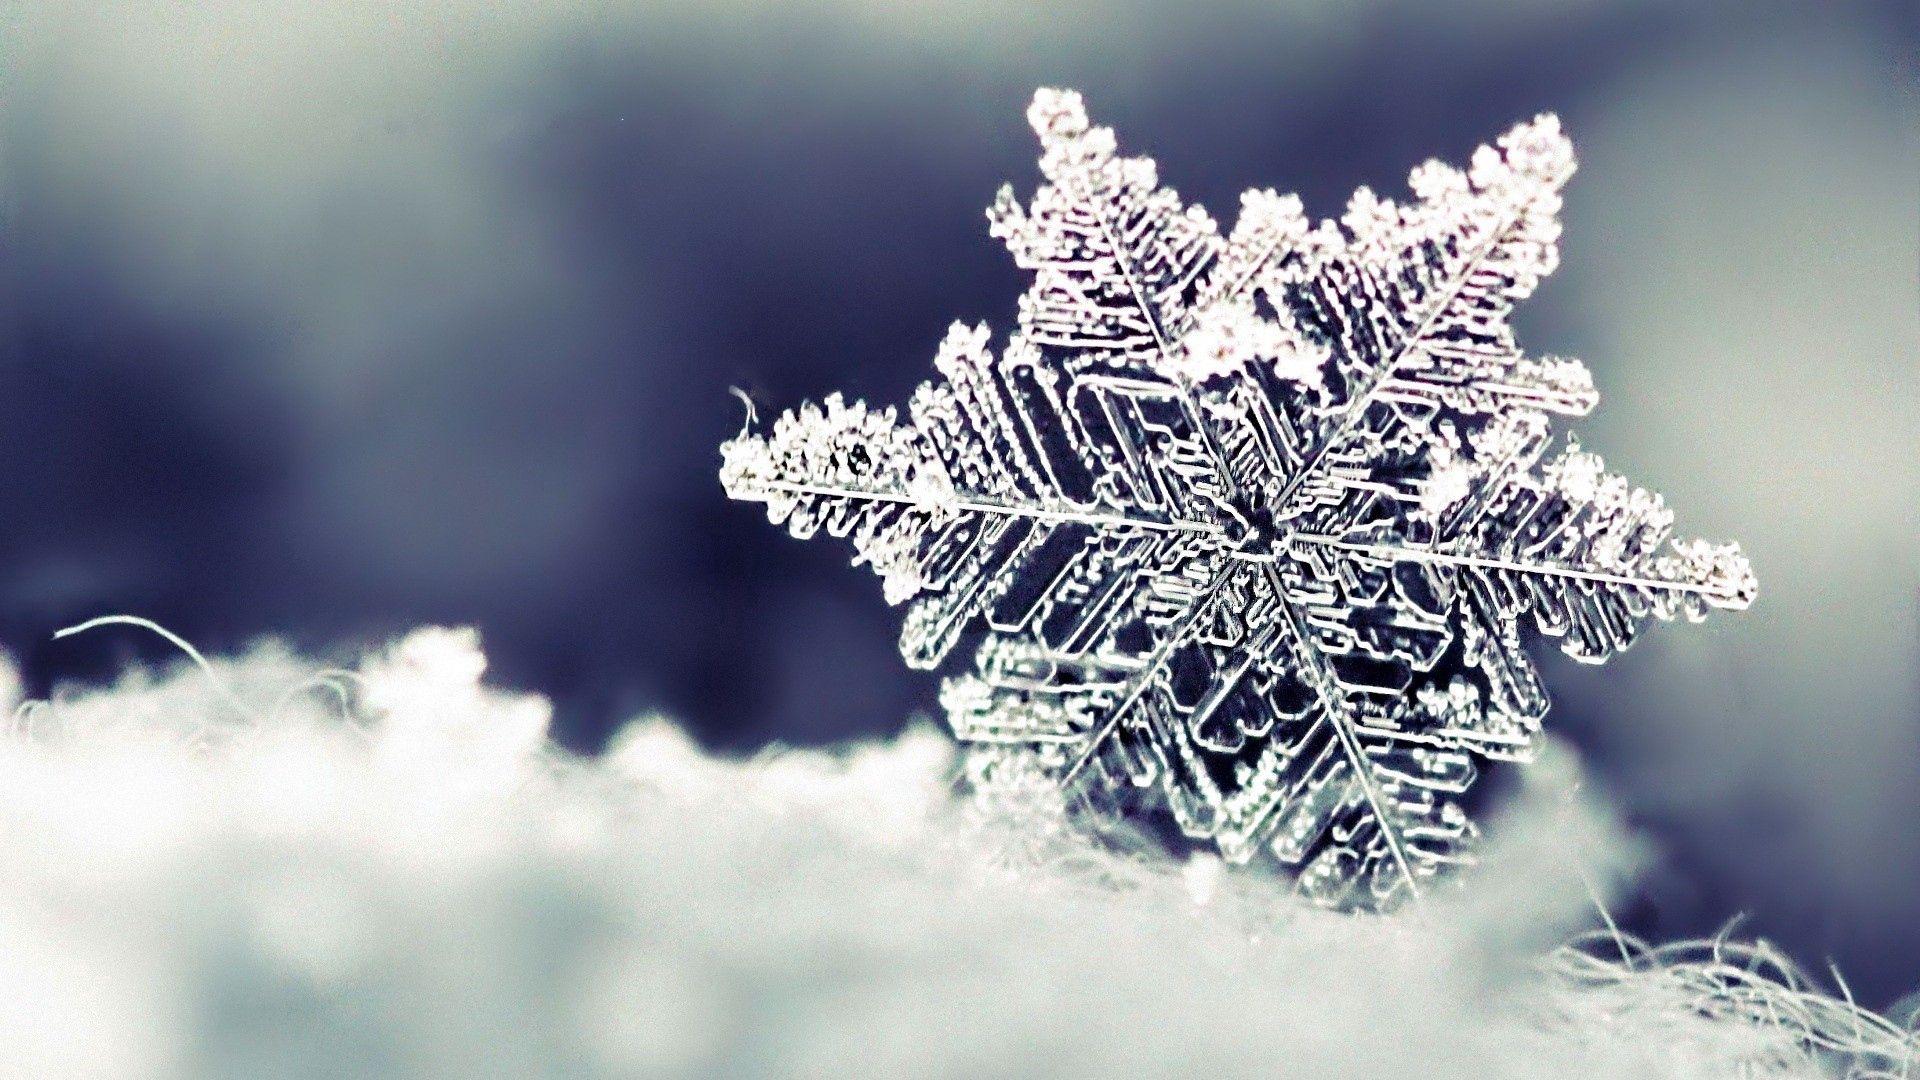 Kostenlose Schnee HD-Bilder herunterladen